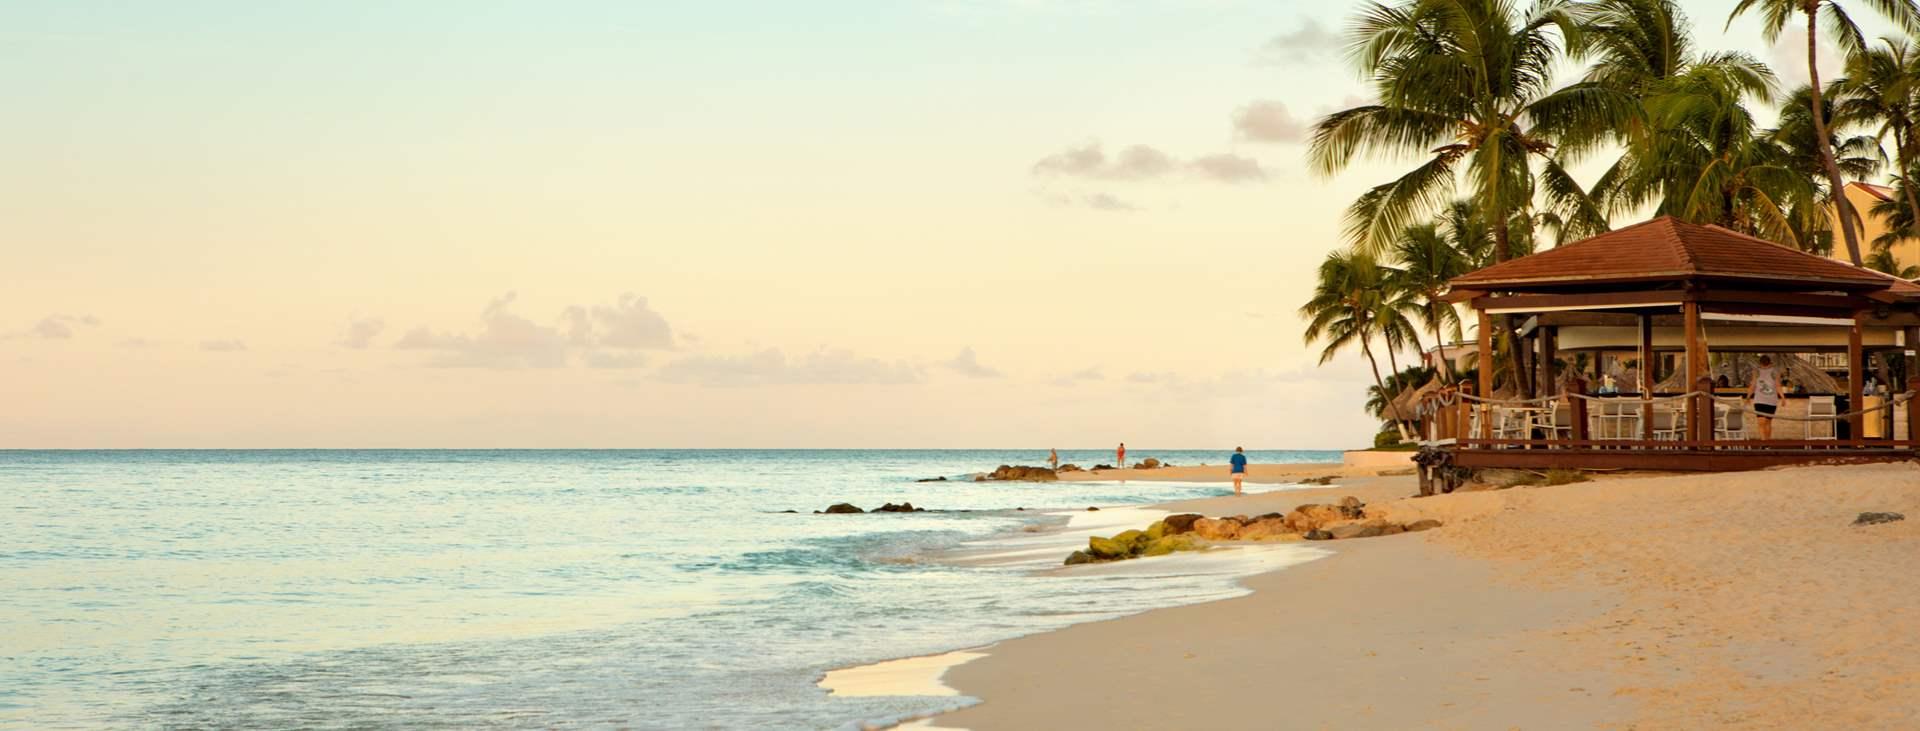 Varaa matka Aruballe, johon sisältyy All Inclusive